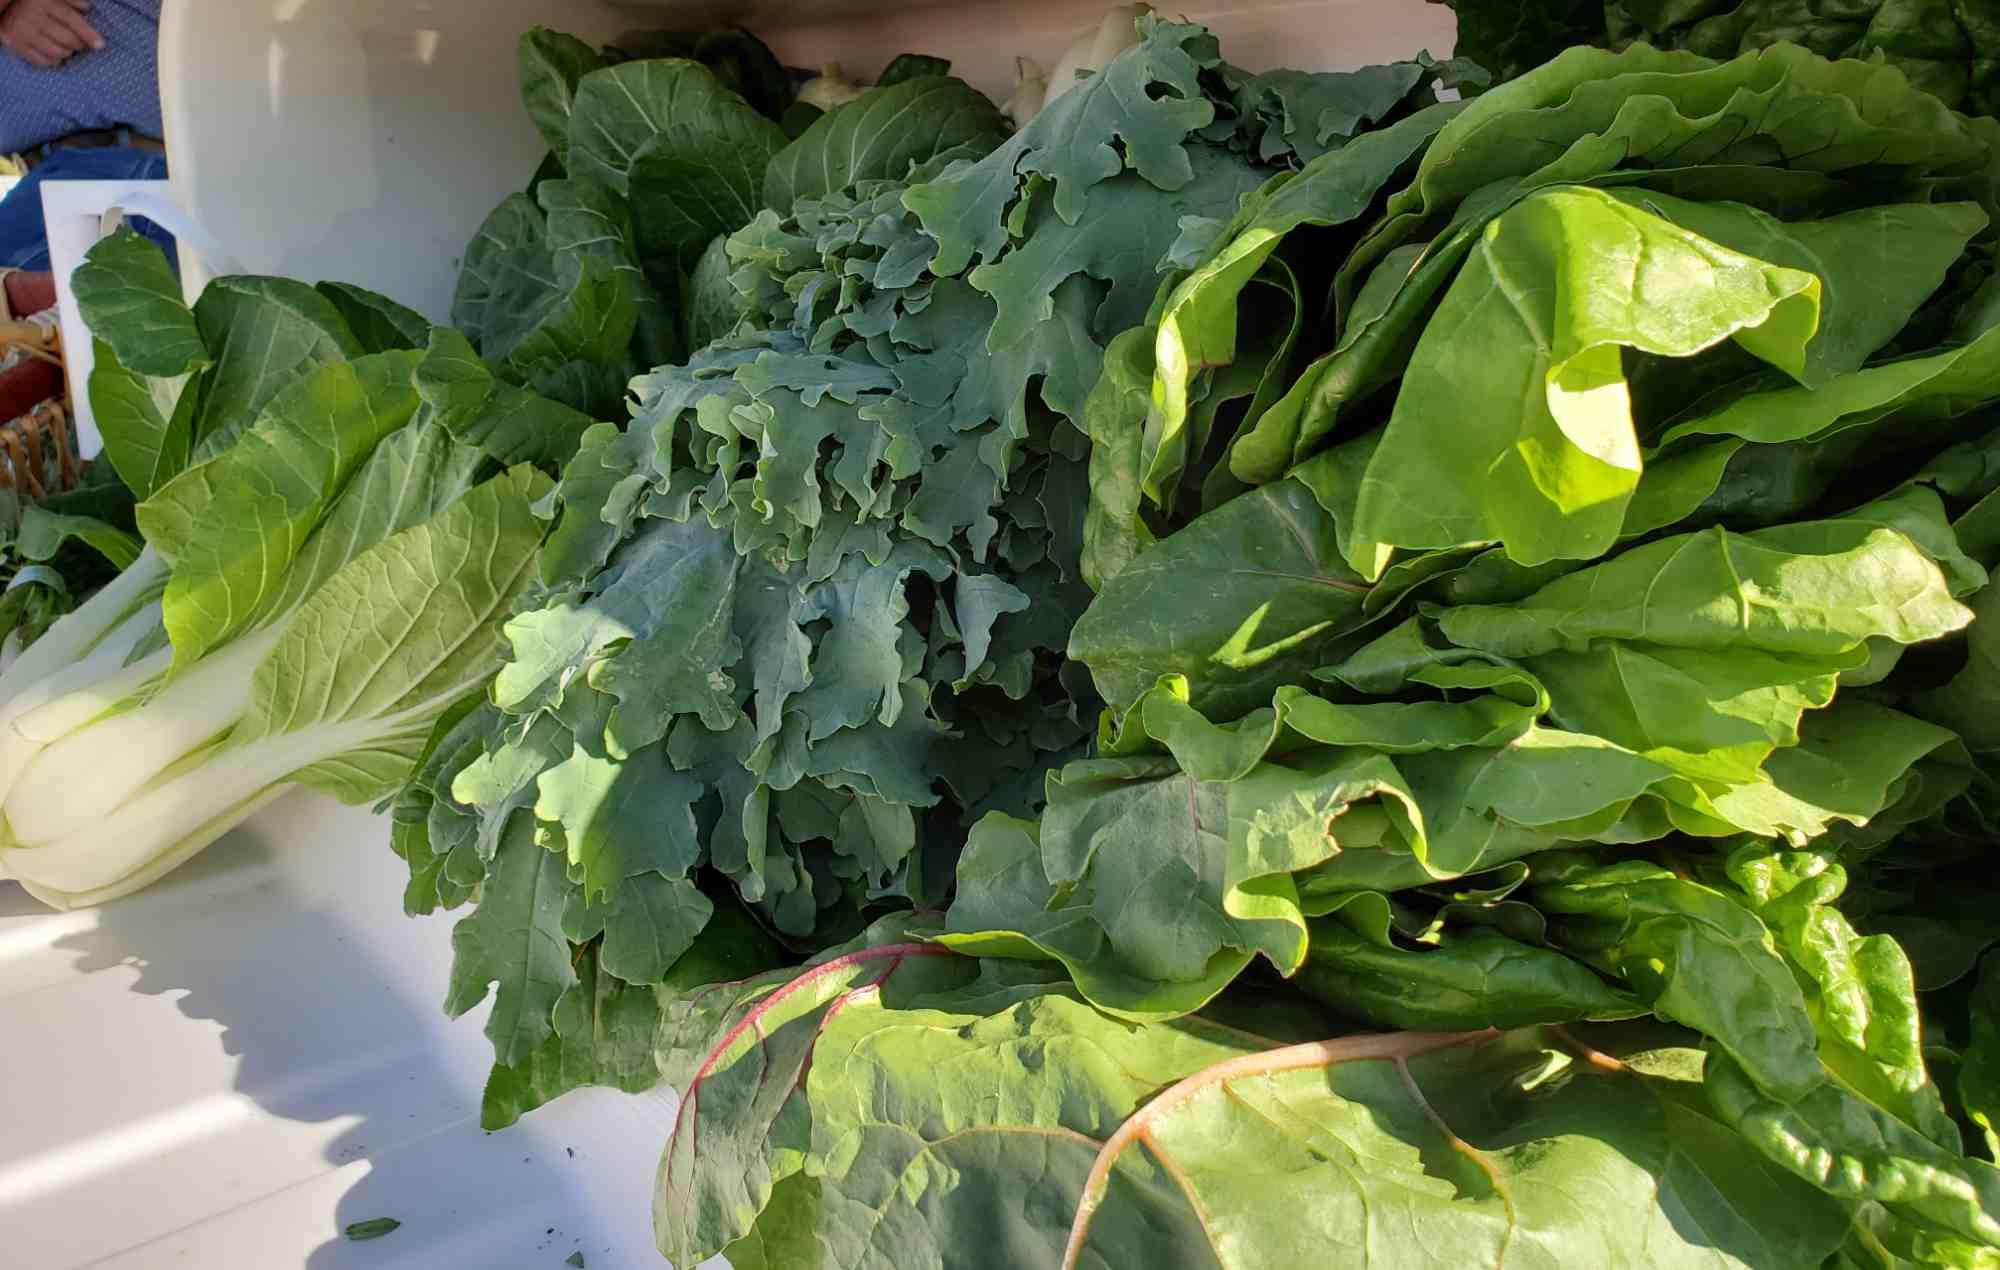 Sierra County Farmers Market greens